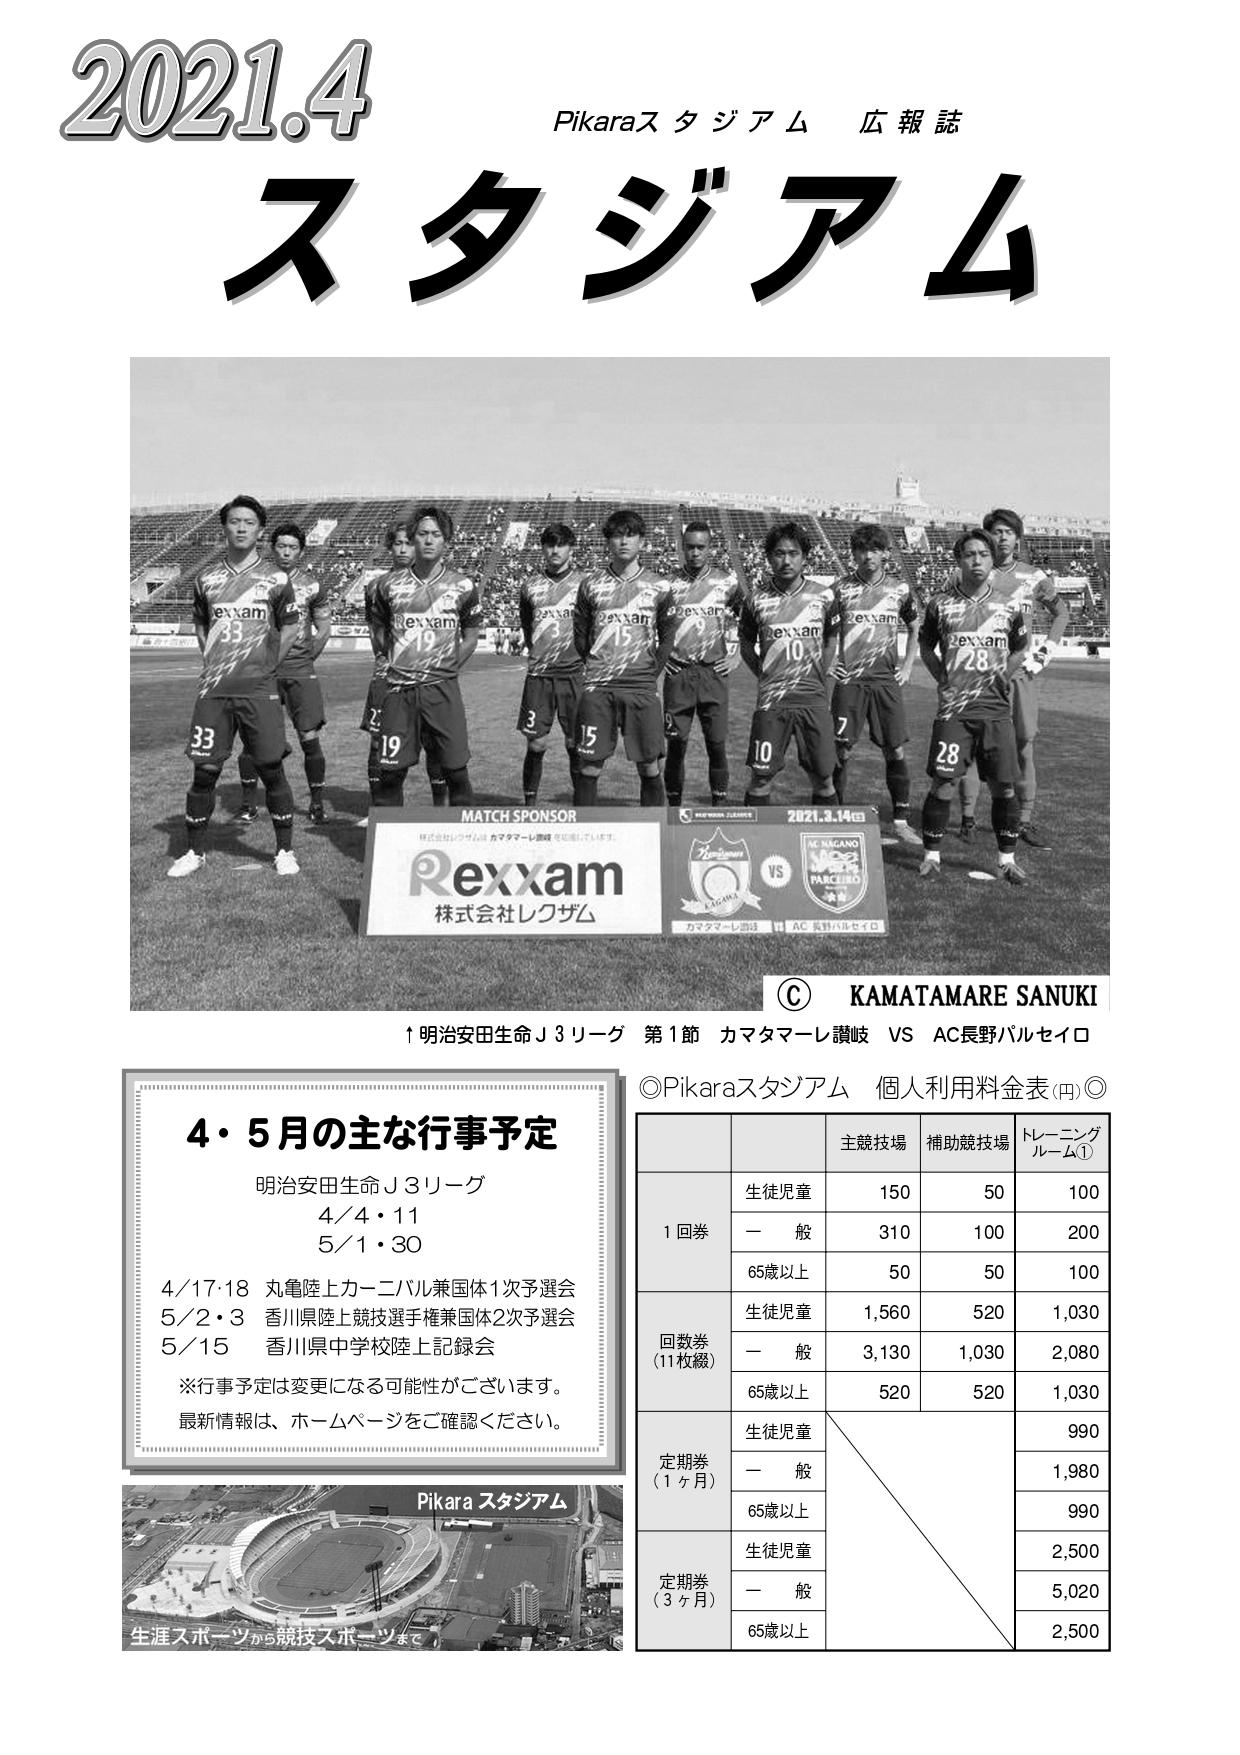 香川県立丸亀競技場 広報誌「スタジアム」